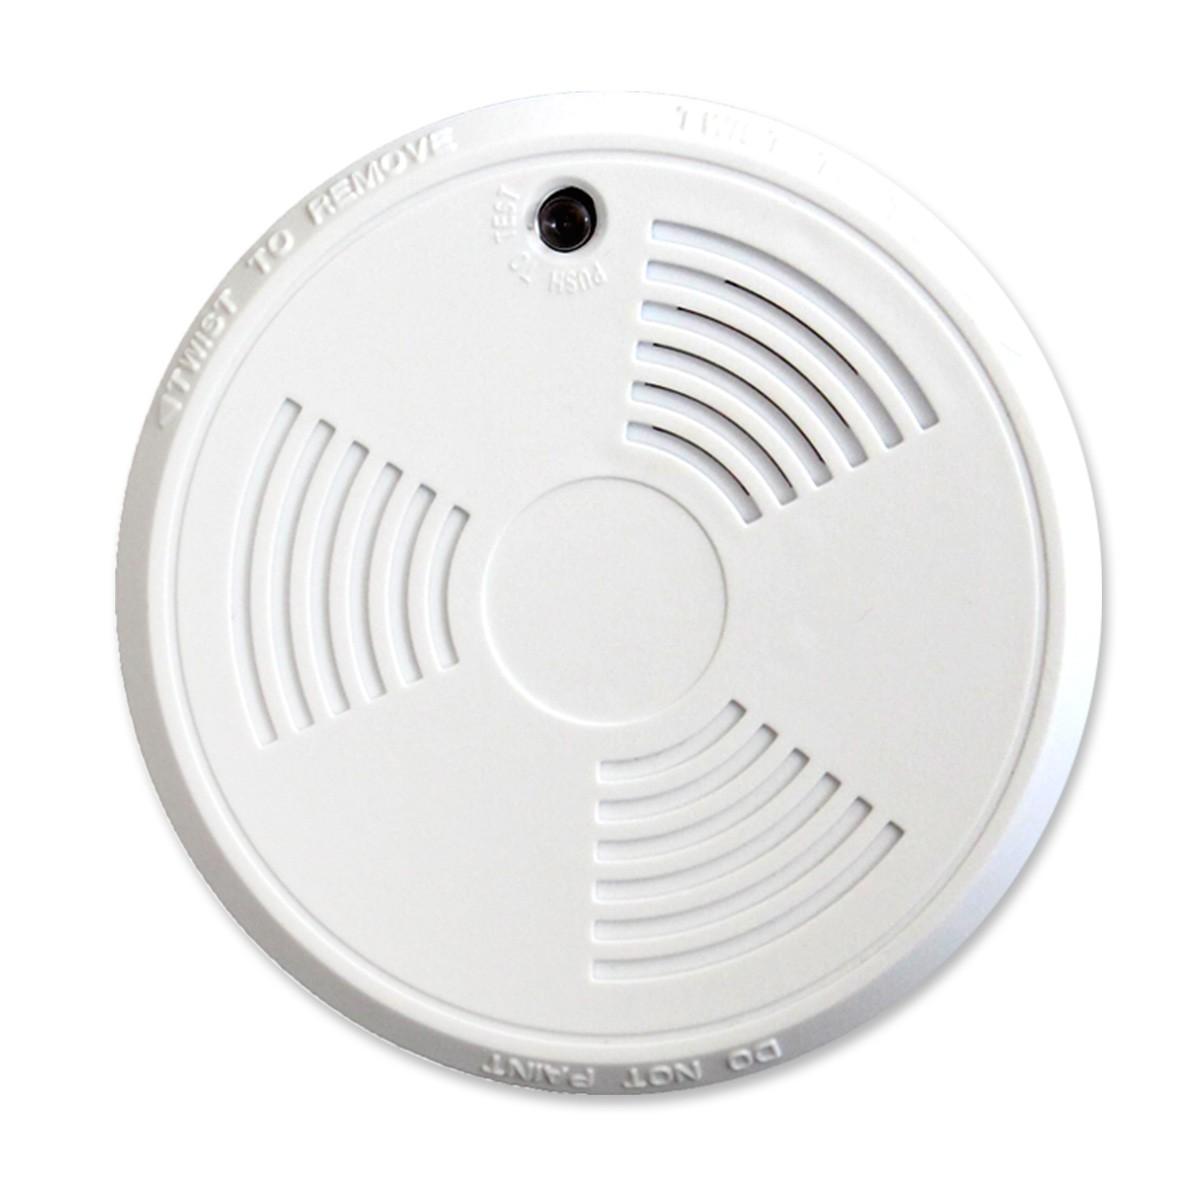 Détecteur de fumée tike sans fil norme EN14604